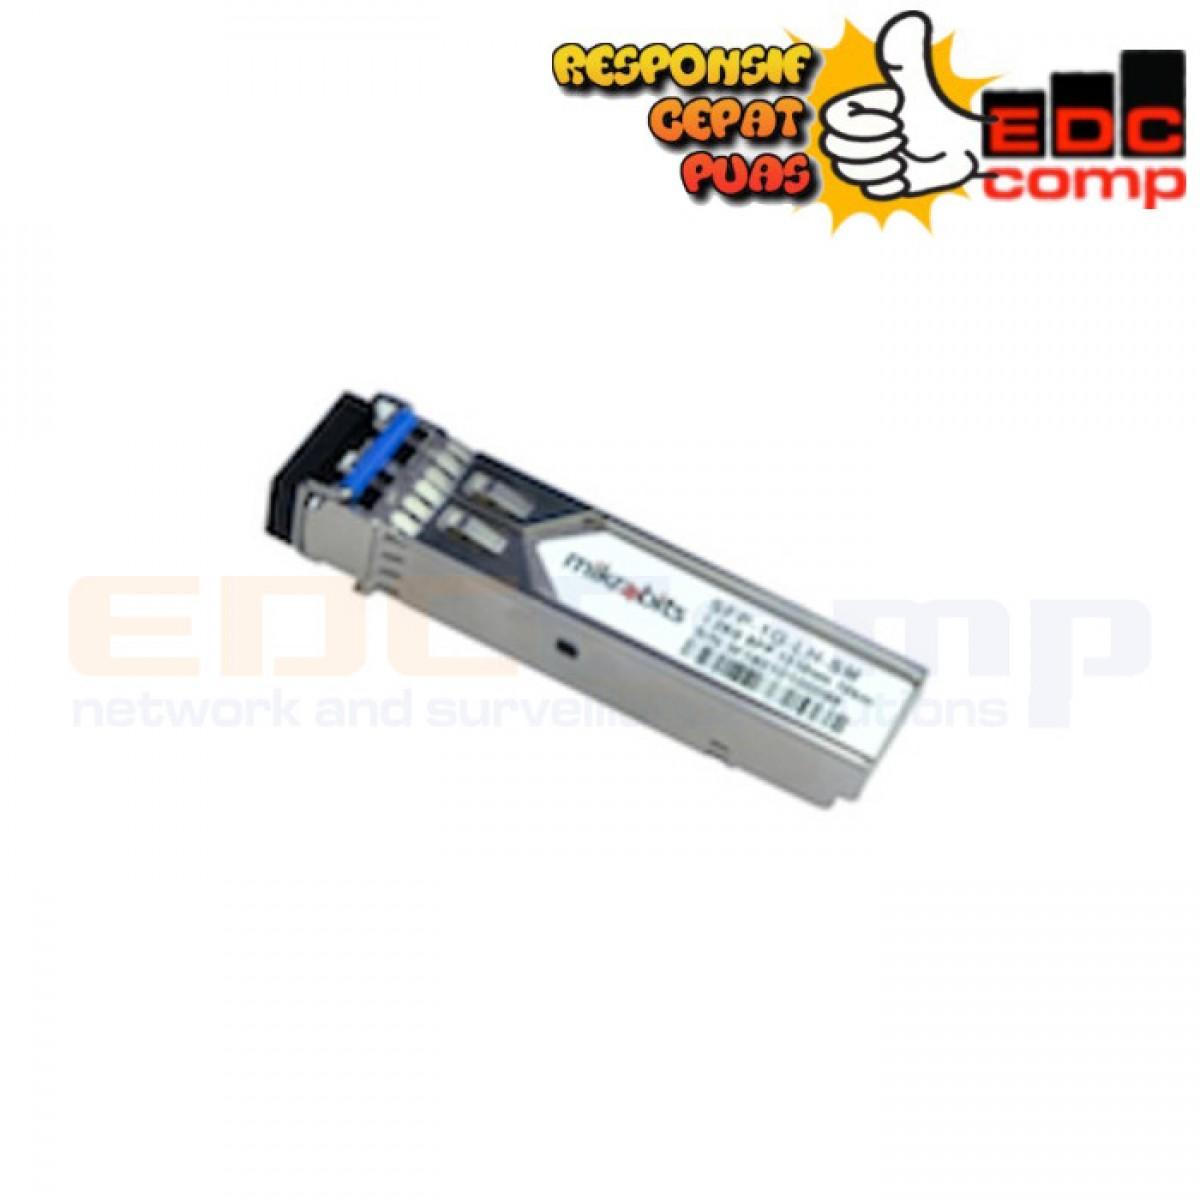 Mikrobits SFP Transceiver SFP-1G-LH-SM - EdcComp